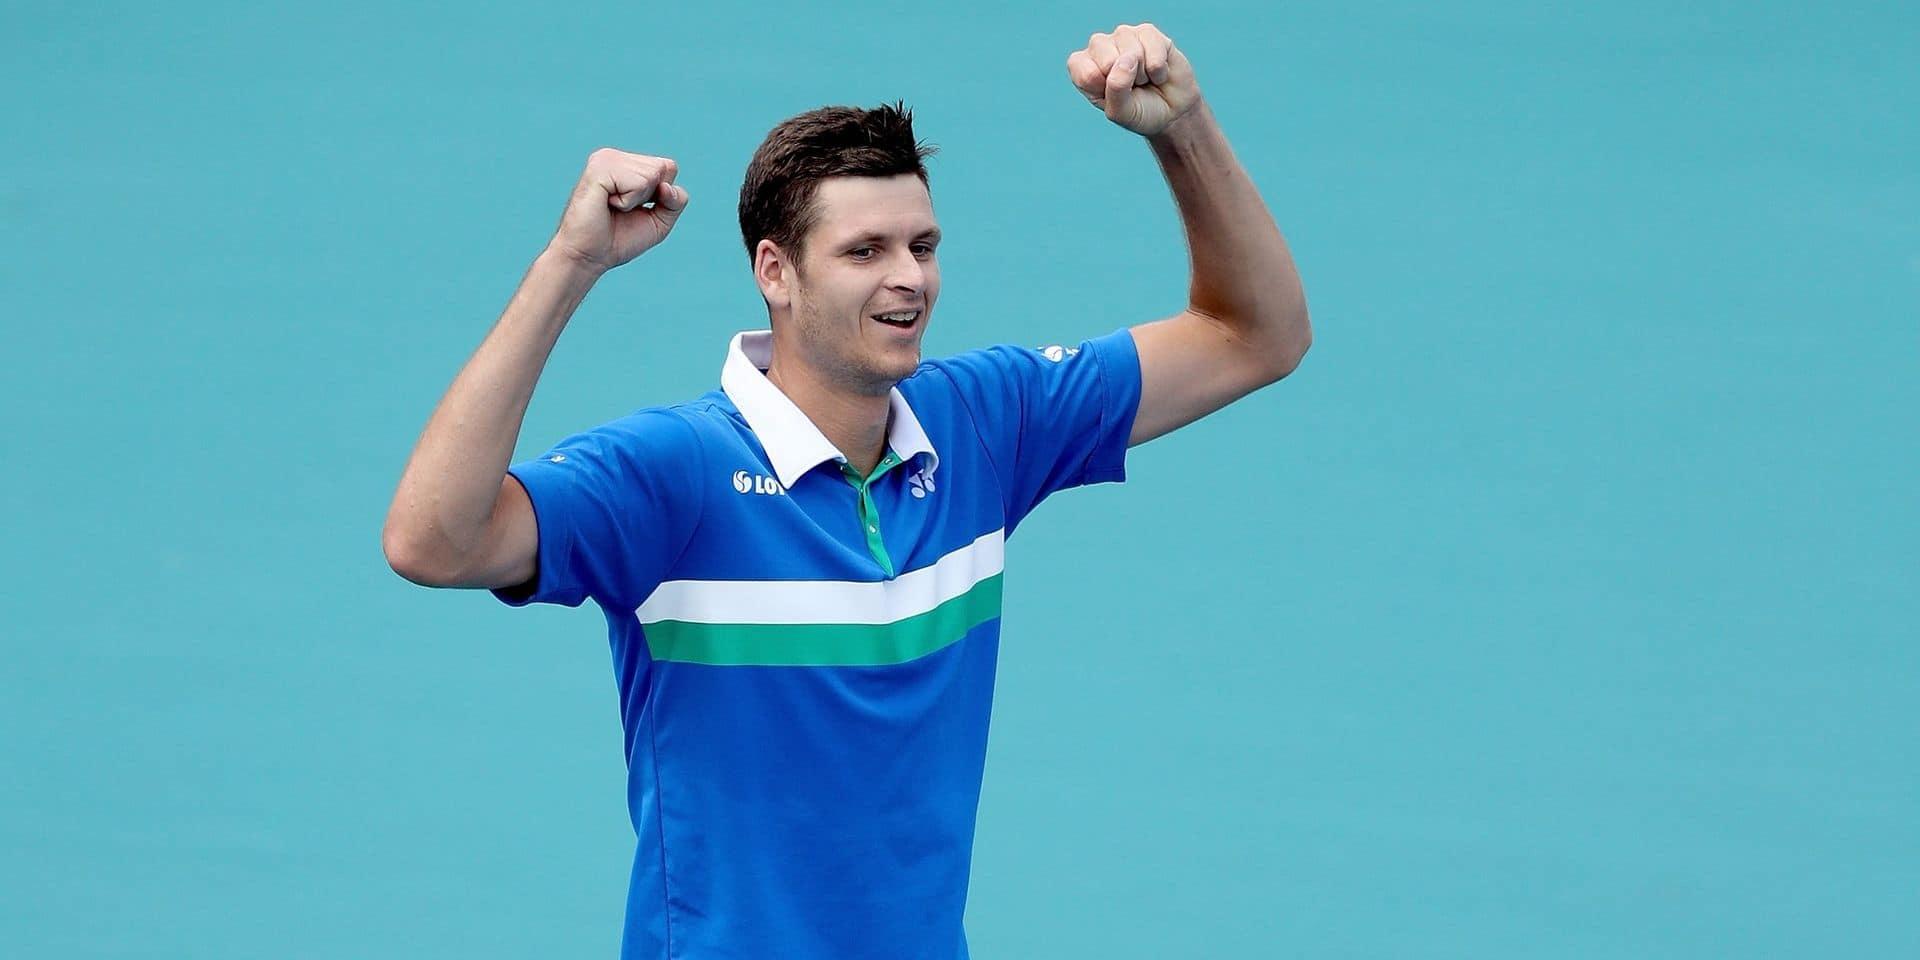 Classement ATP: Goffin perd une place, la sensation Hurkacz en gagne 21!